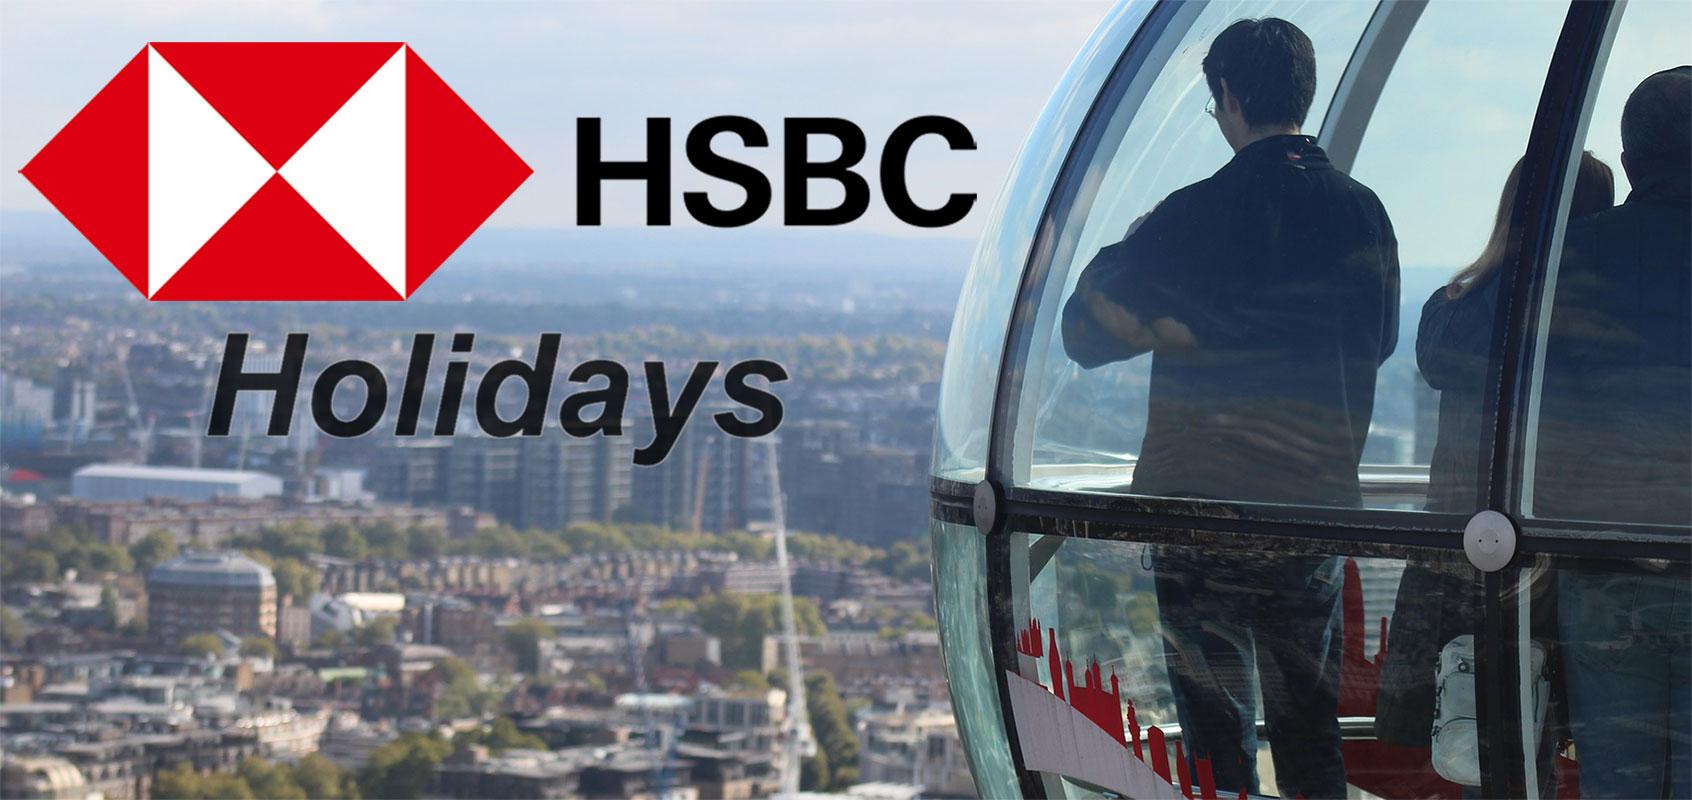 HSBC Bank Holidays | Banks org